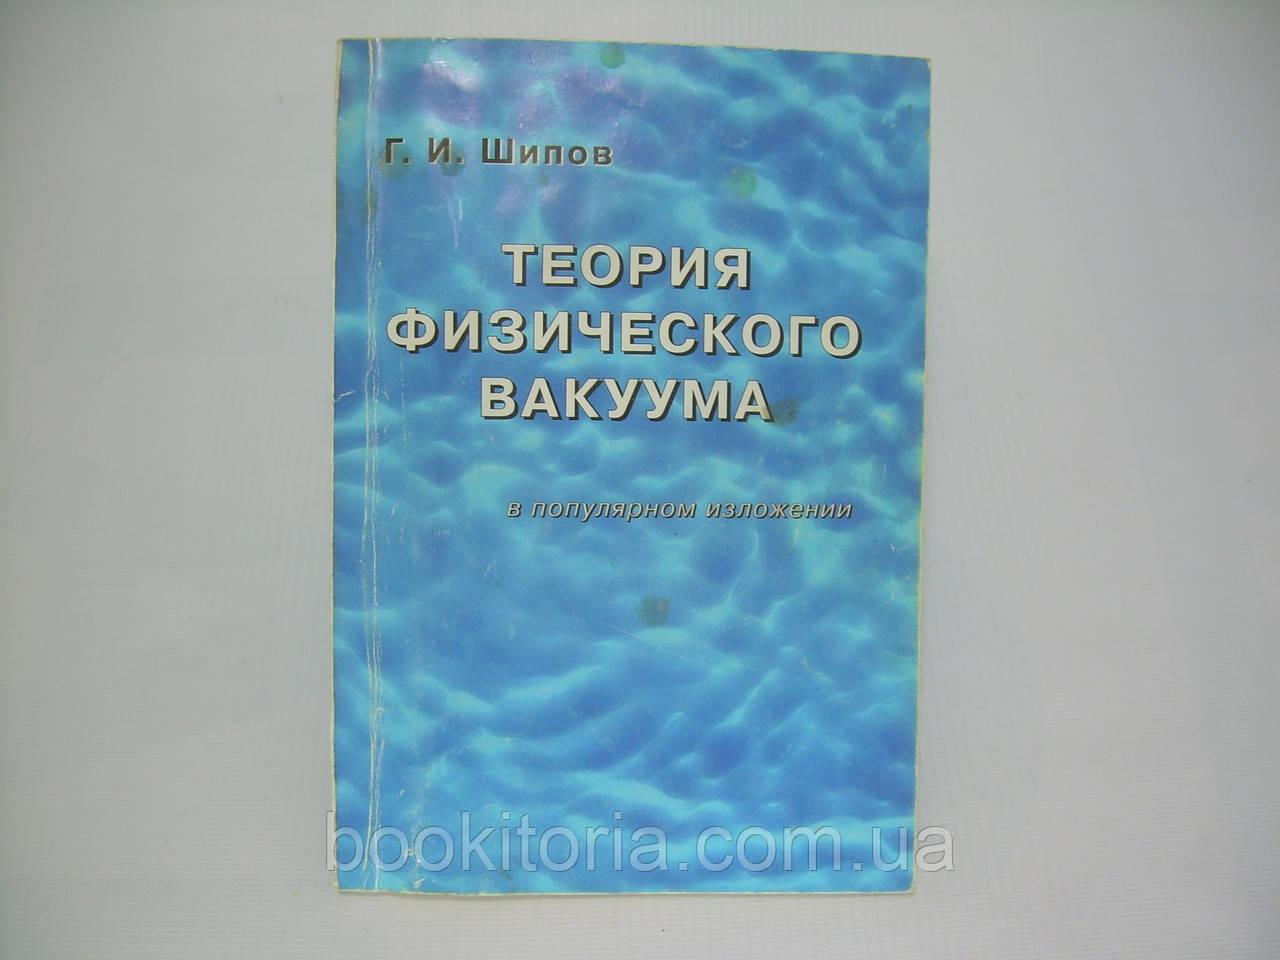 Шипов Г.И. Теория физического вакуума (б/у).